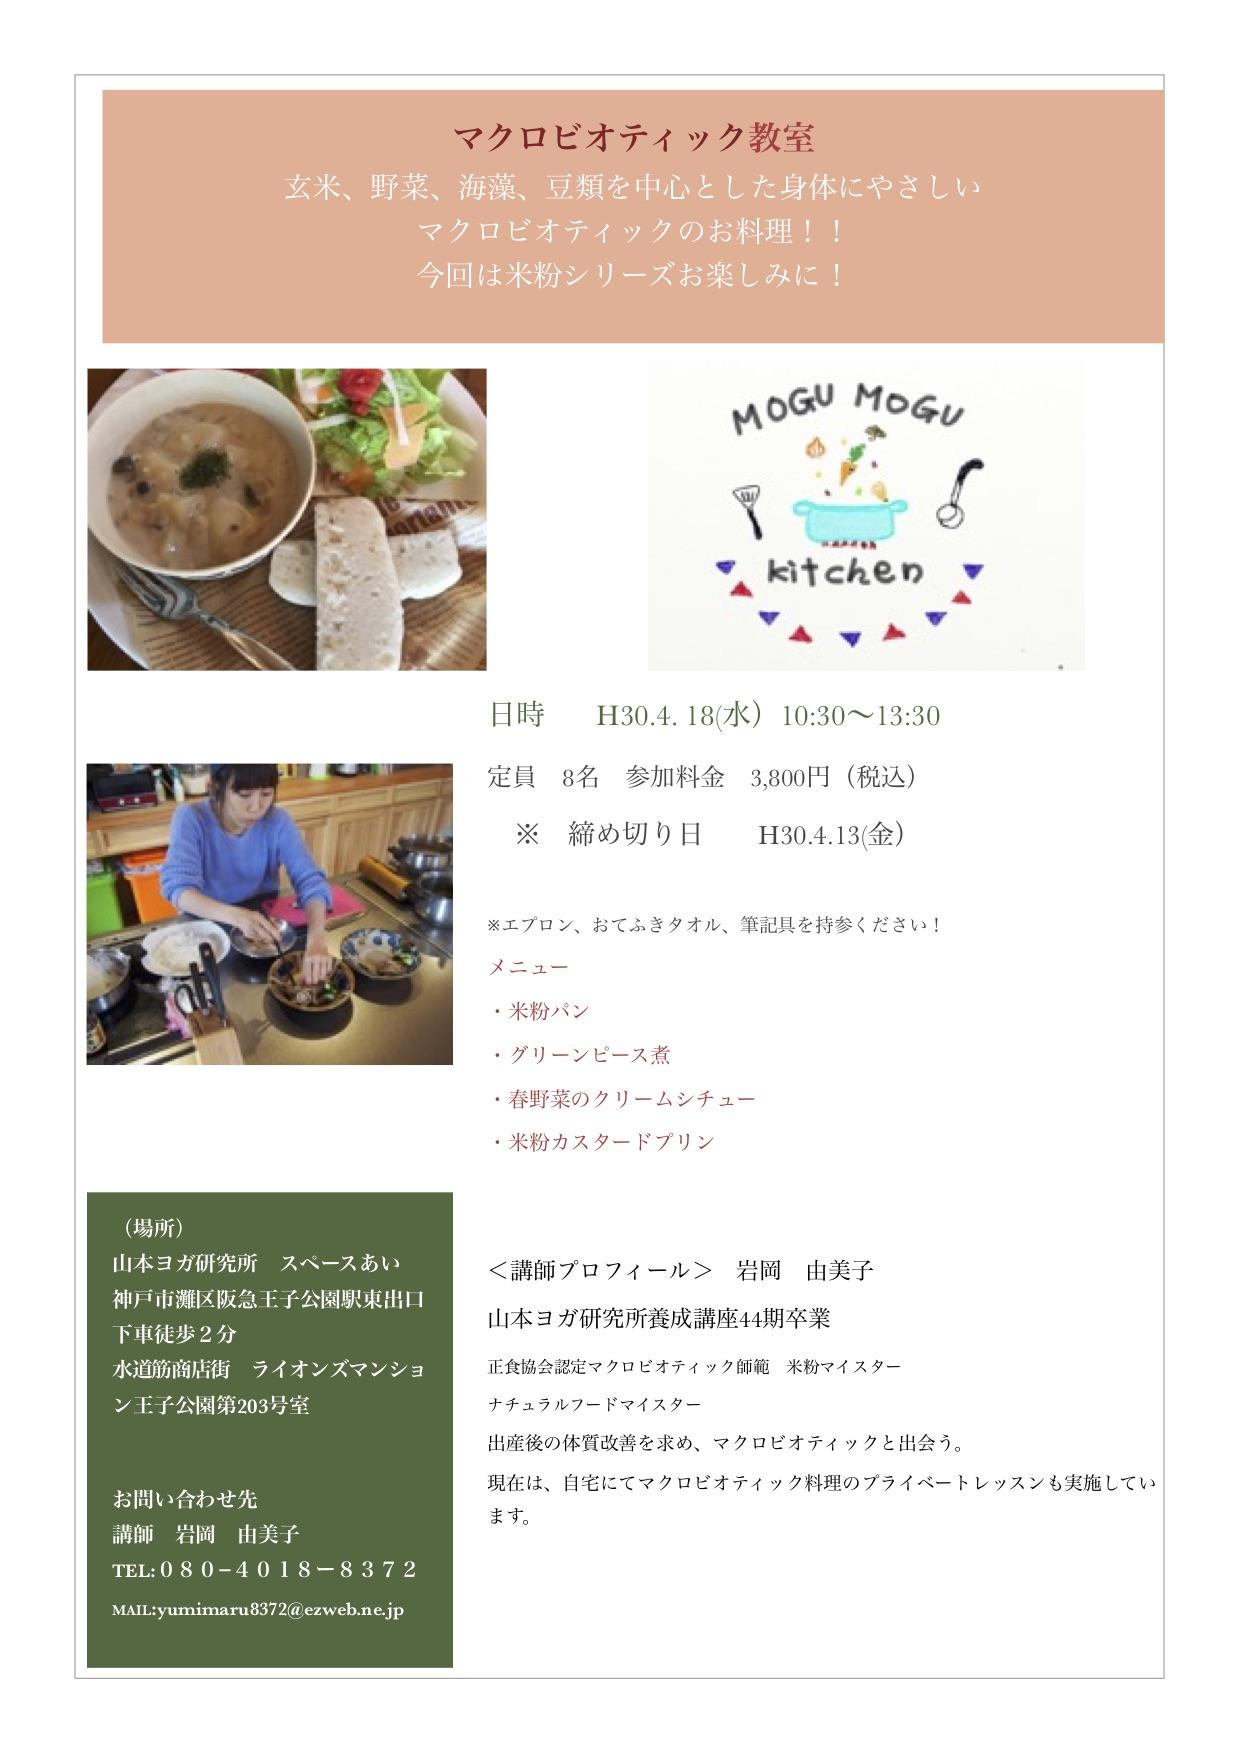 4/18(水)神戸でマクロビ料理教室を開催します